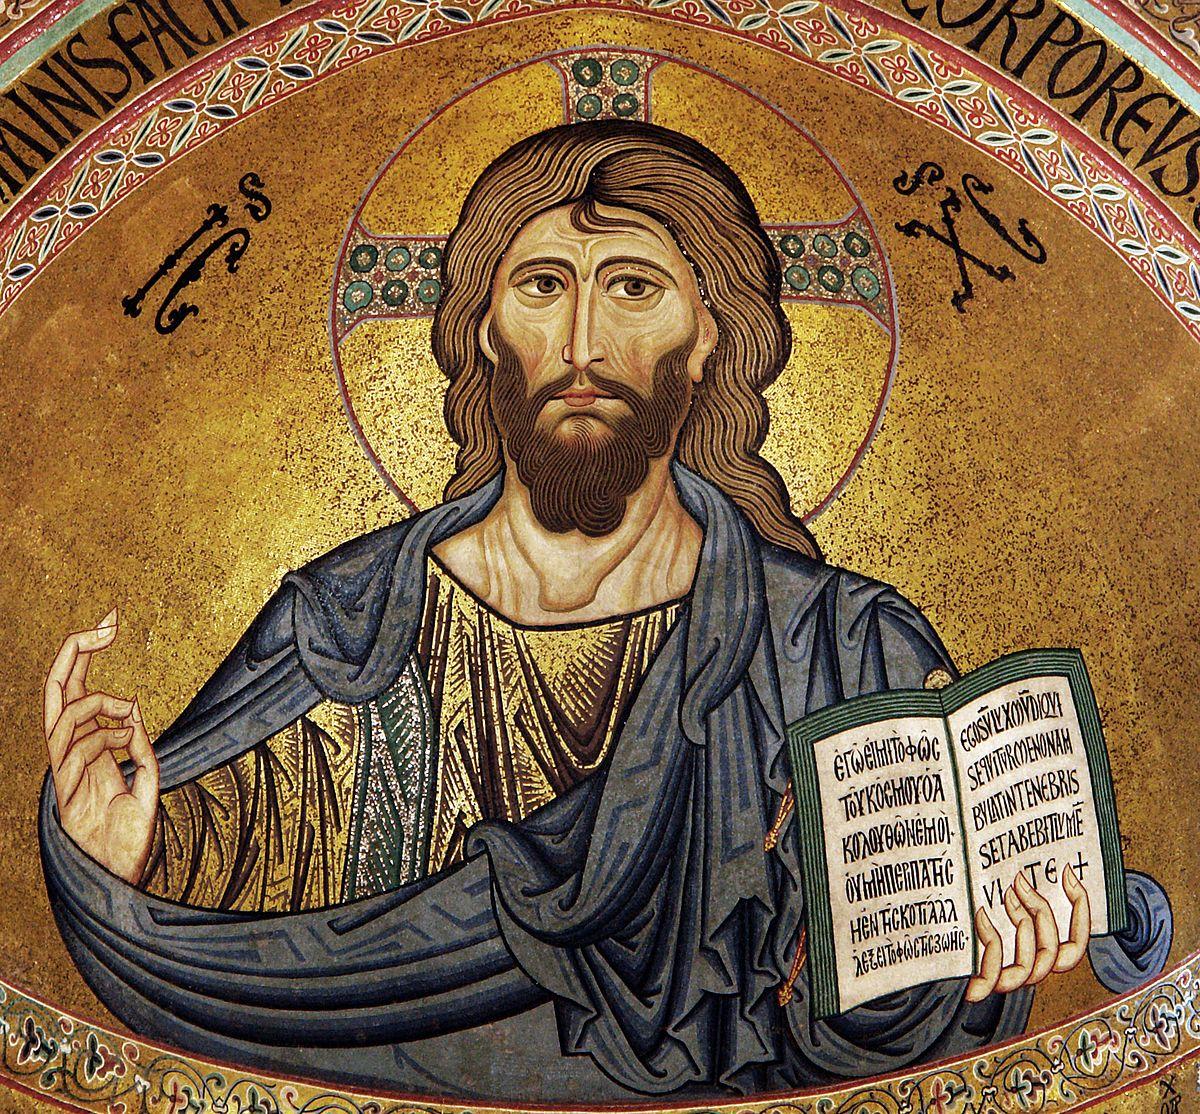 Jésus le Christ selon une peinture byzantine